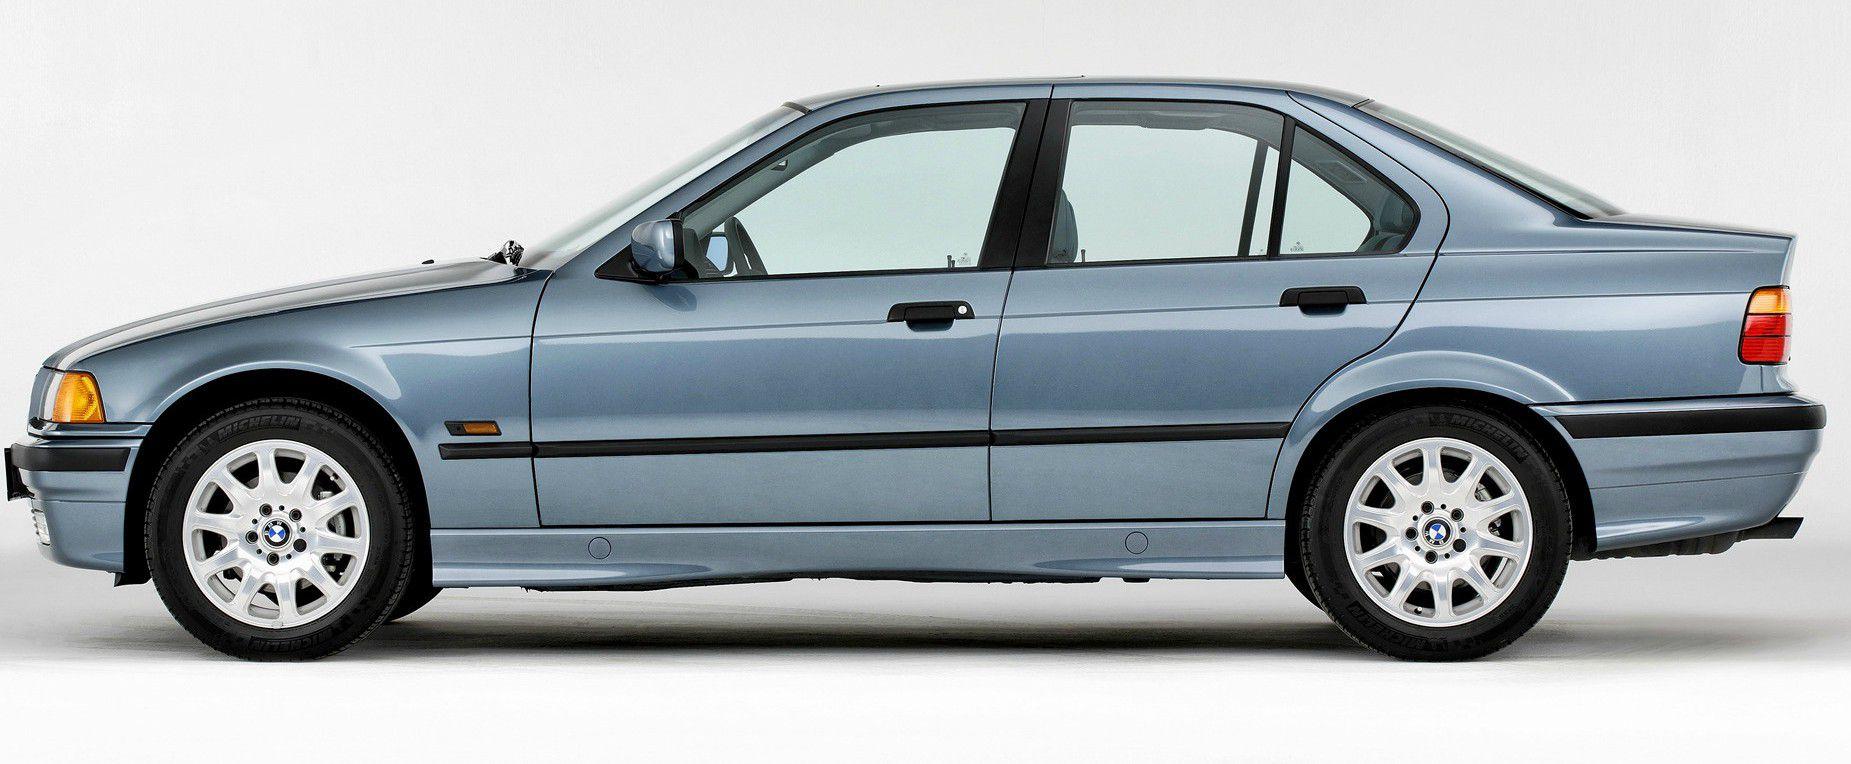 Rolamento de Roda Traseira BMW 316 1990-1998 com freio a disco